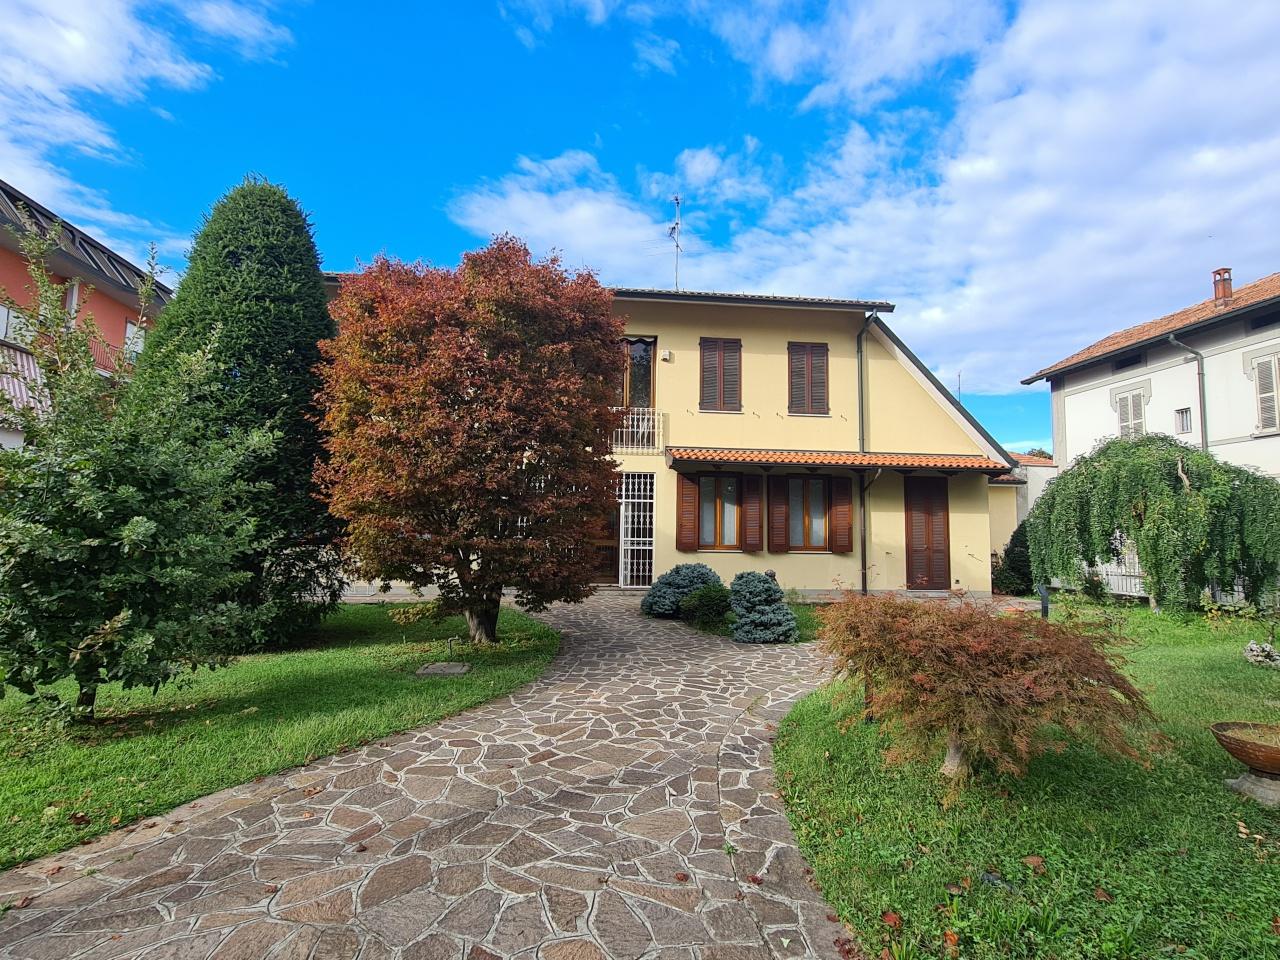 Villa in vendita a Treviglio, 7 locali, prezzo € 480.000   CambioCasa.it